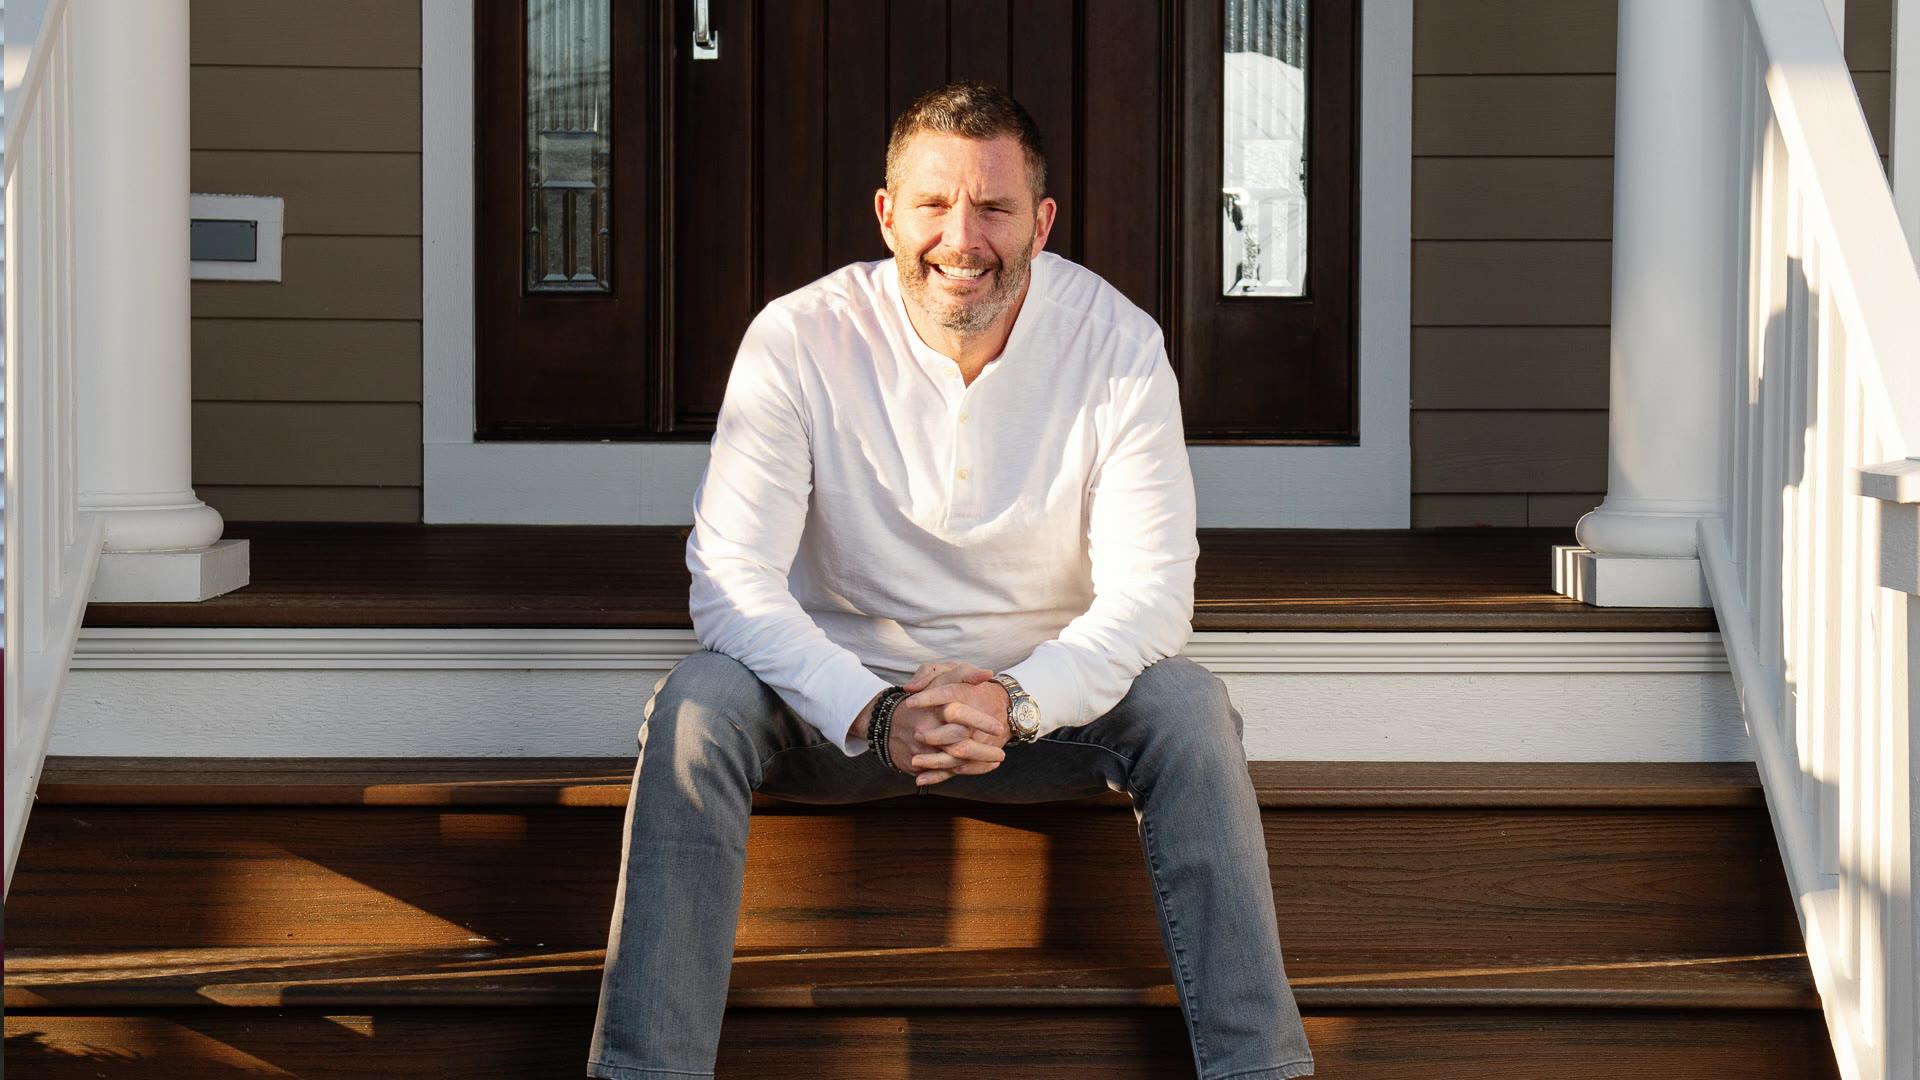 Andy Streiter